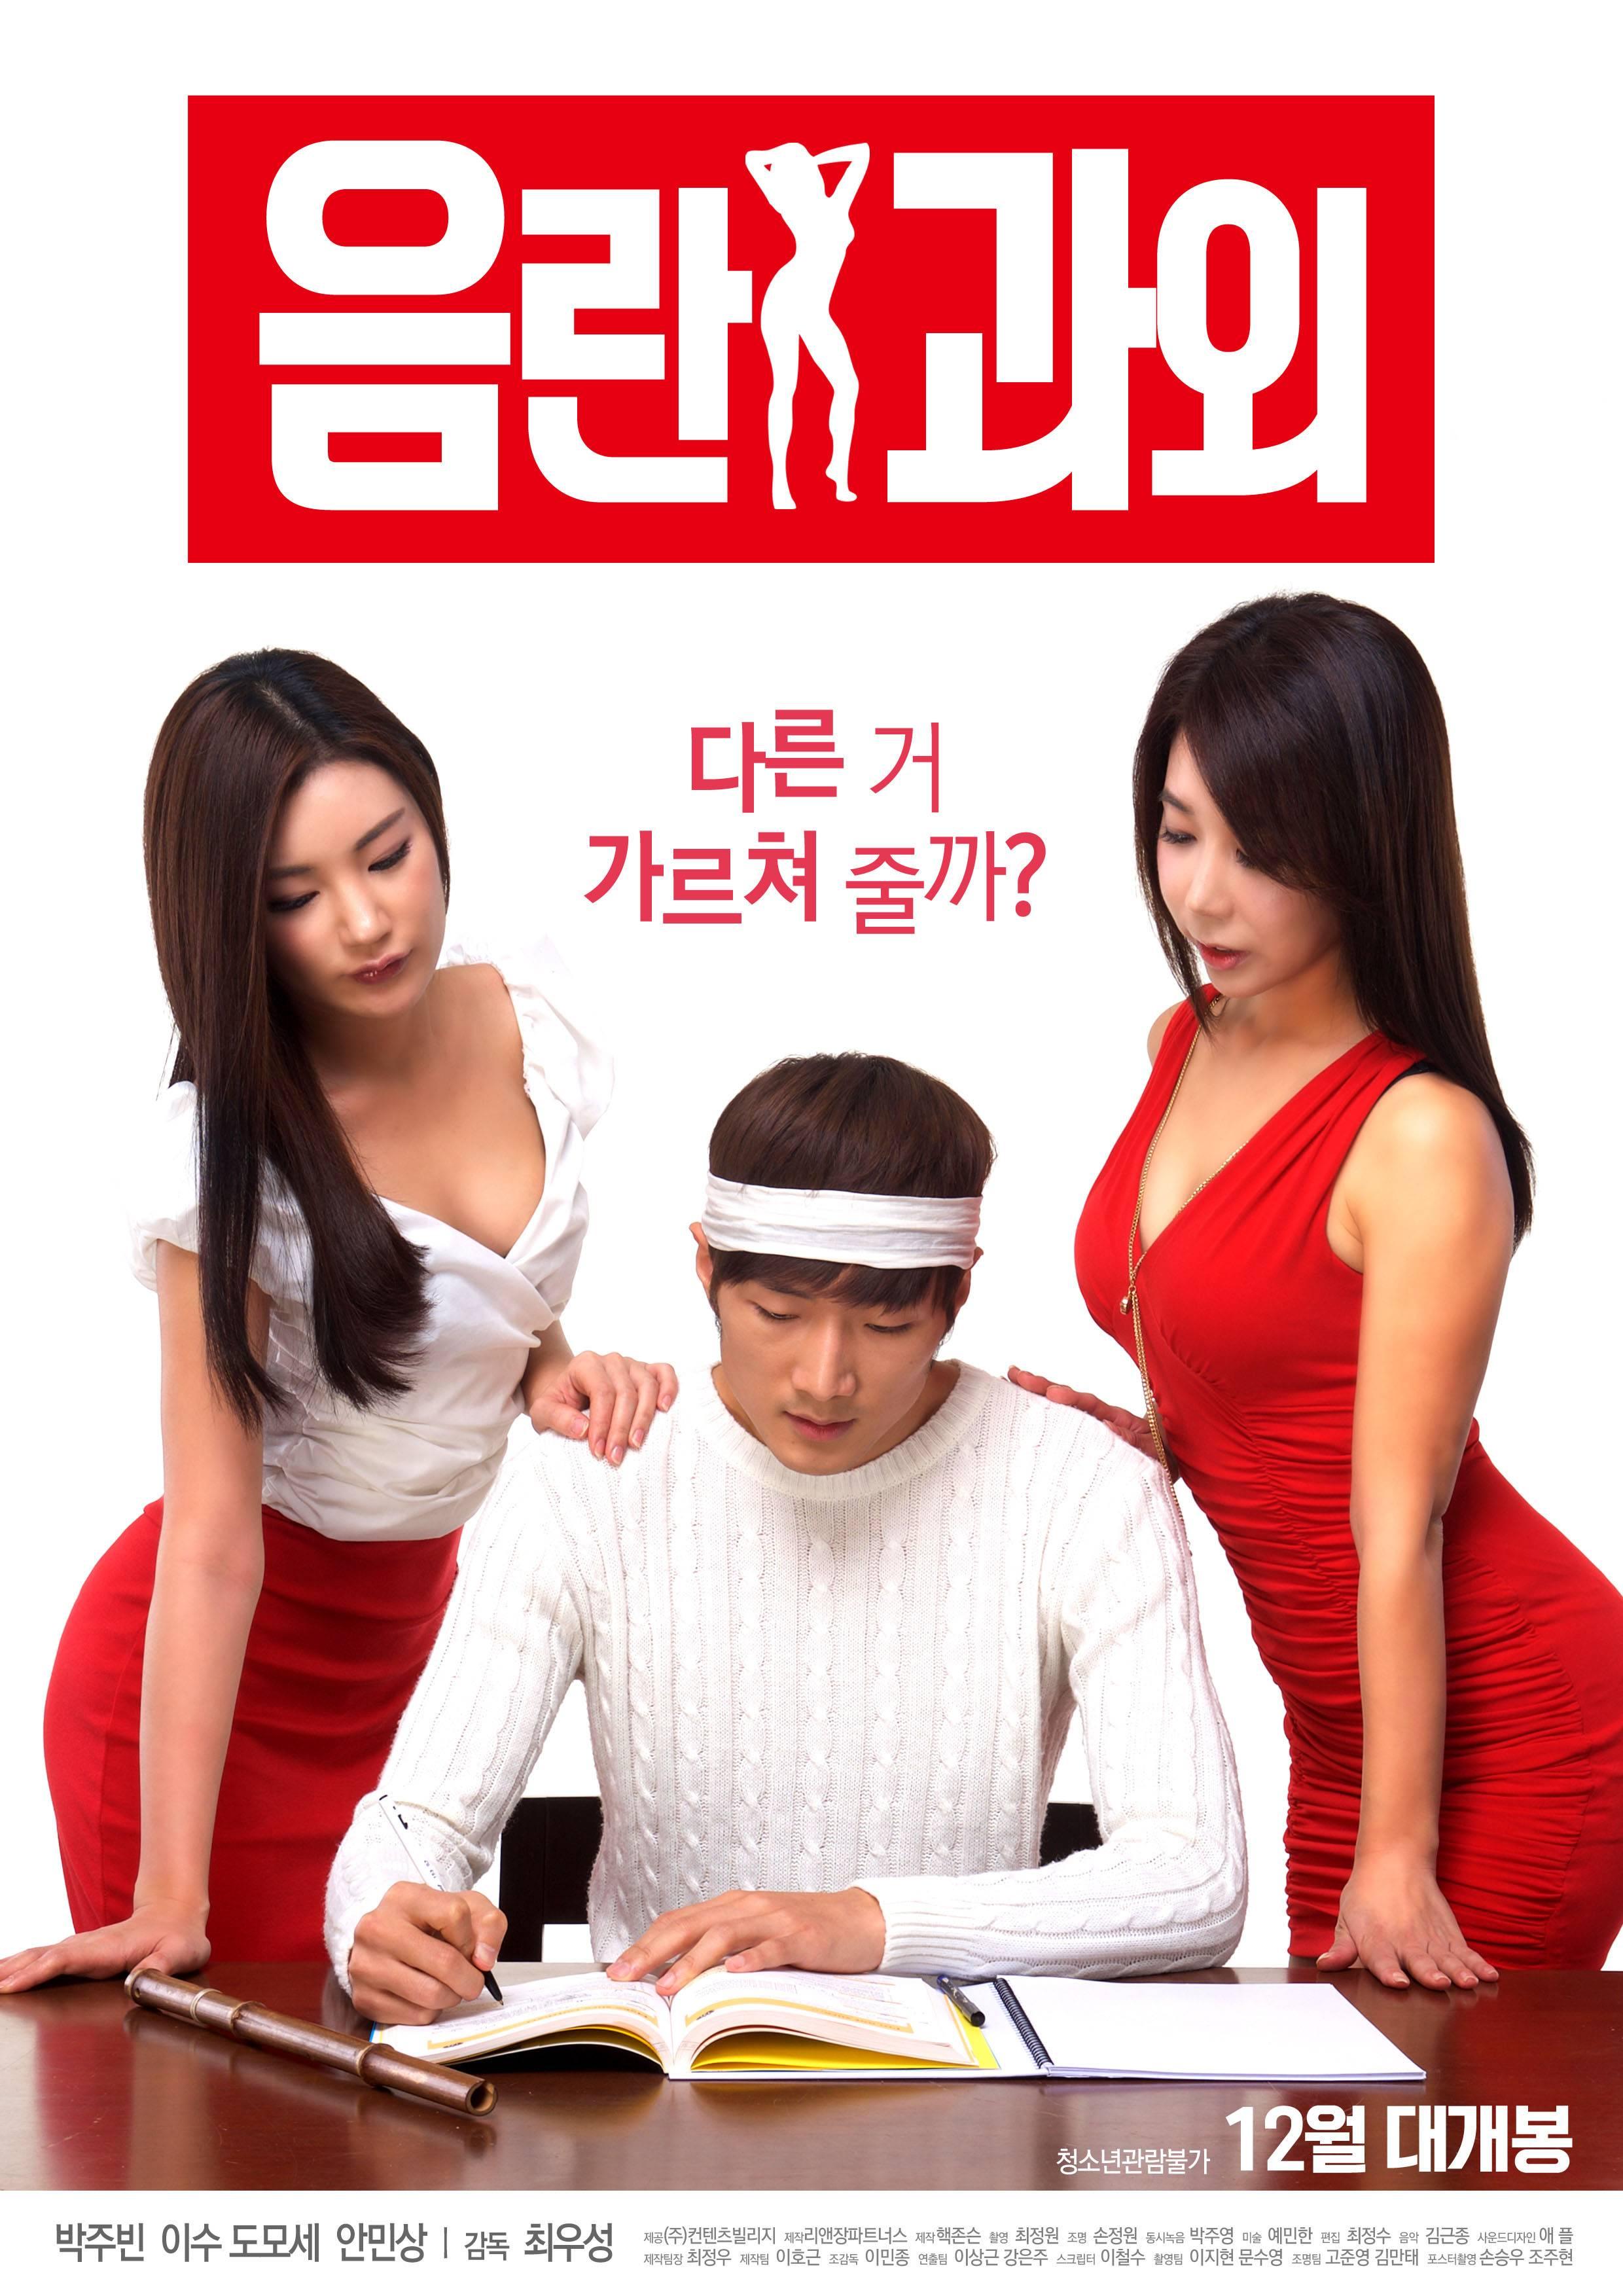 korean erotic movies